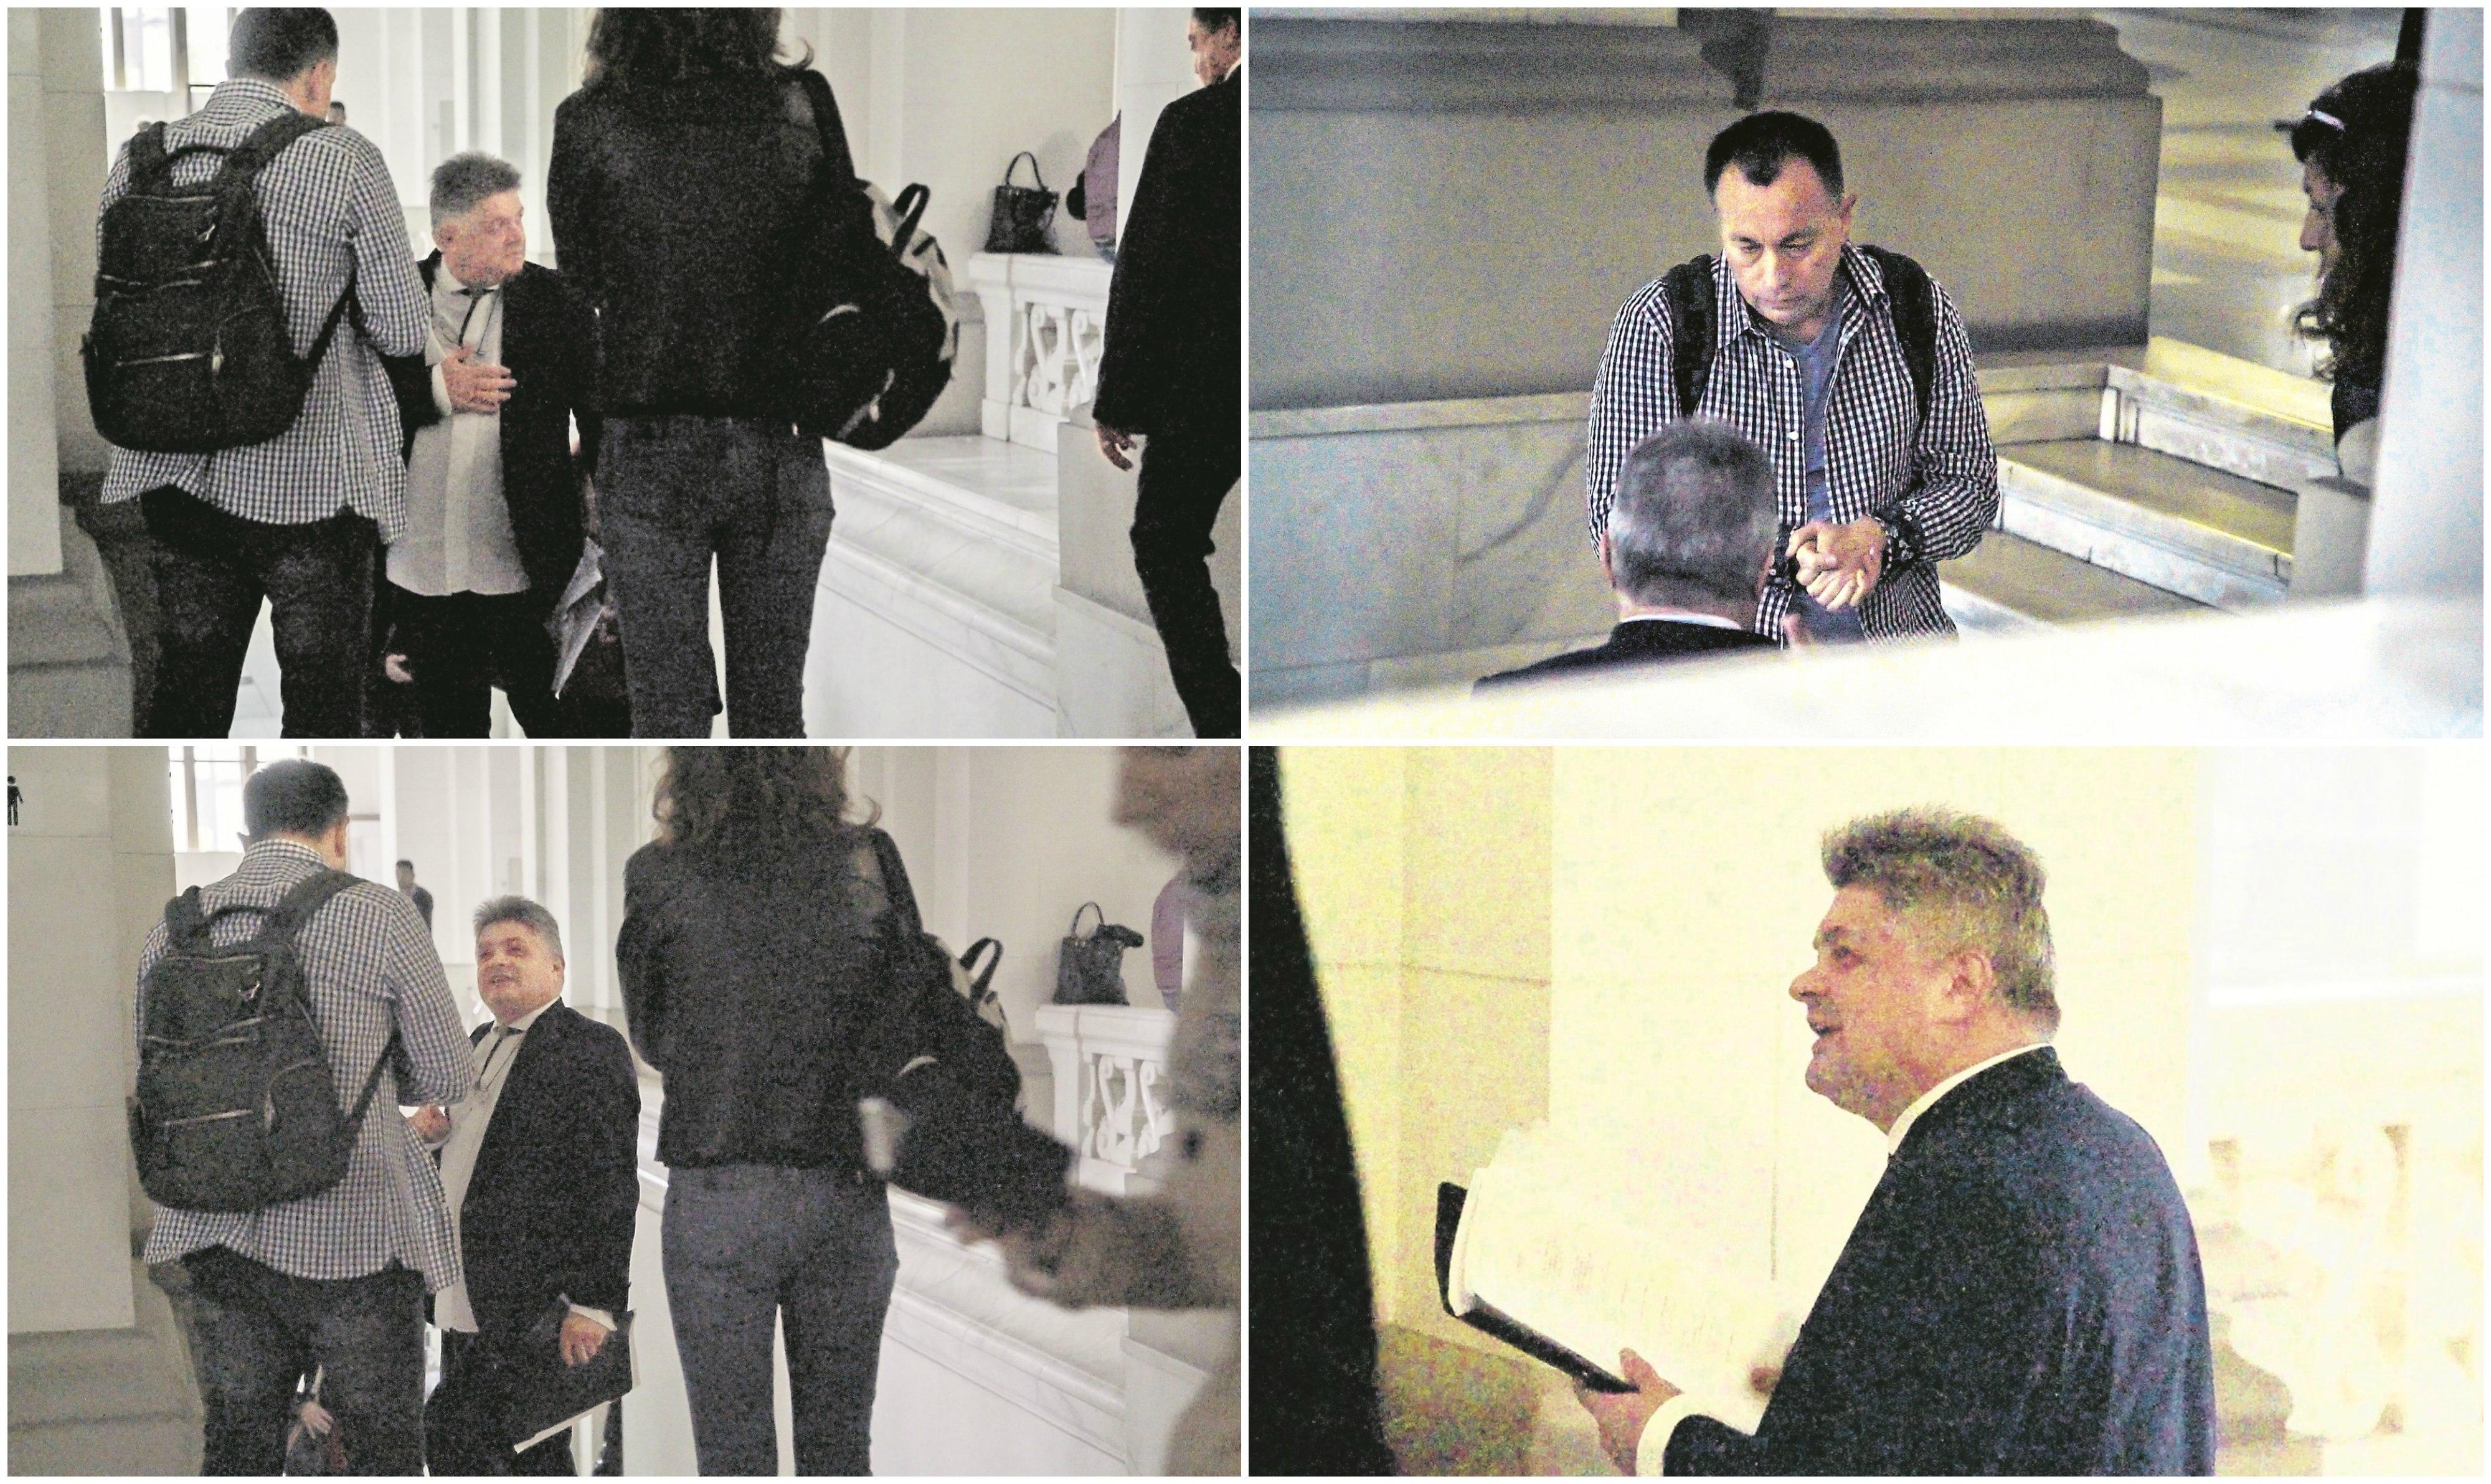 Secureanu la întâlnirea cu jurnaliștii Gazetei: în prima fotografie îl salută, cu mâna la inimă, pe Vasile Blaga, aflat și el la Curtea de Apel